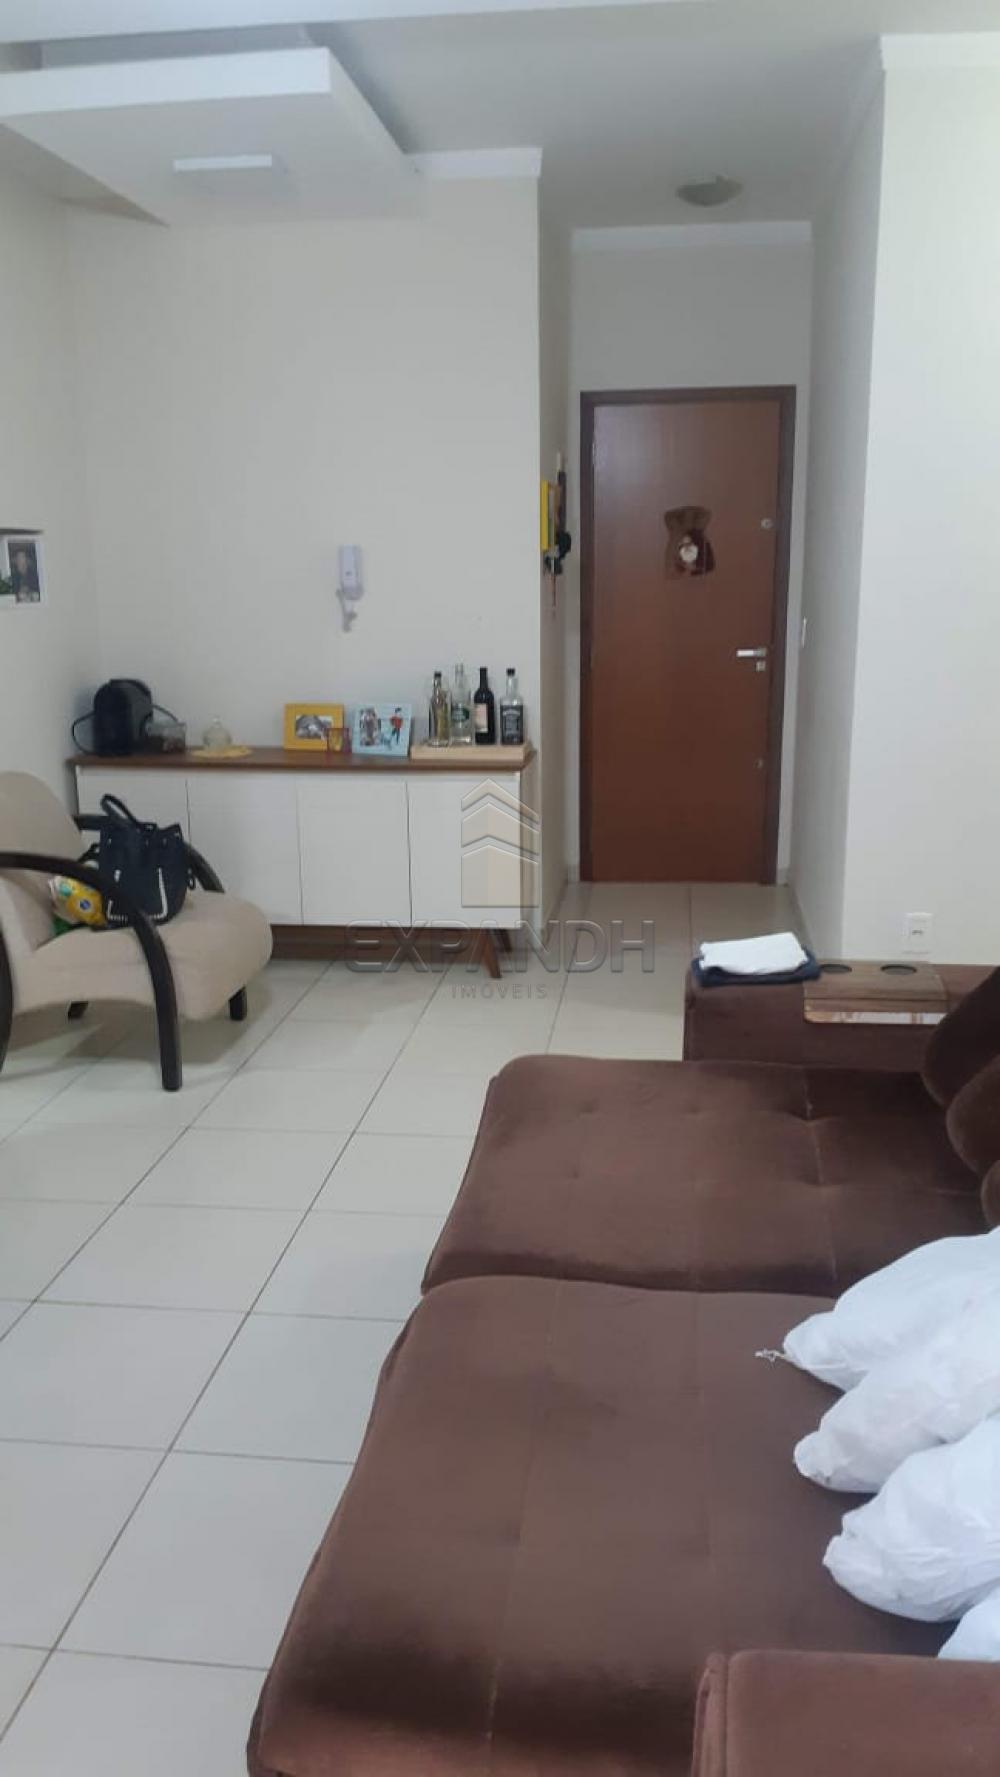 Comprar Apartamentos / Padrão em Sertãozinho apenas R$ 250.000,00 - Foto 7